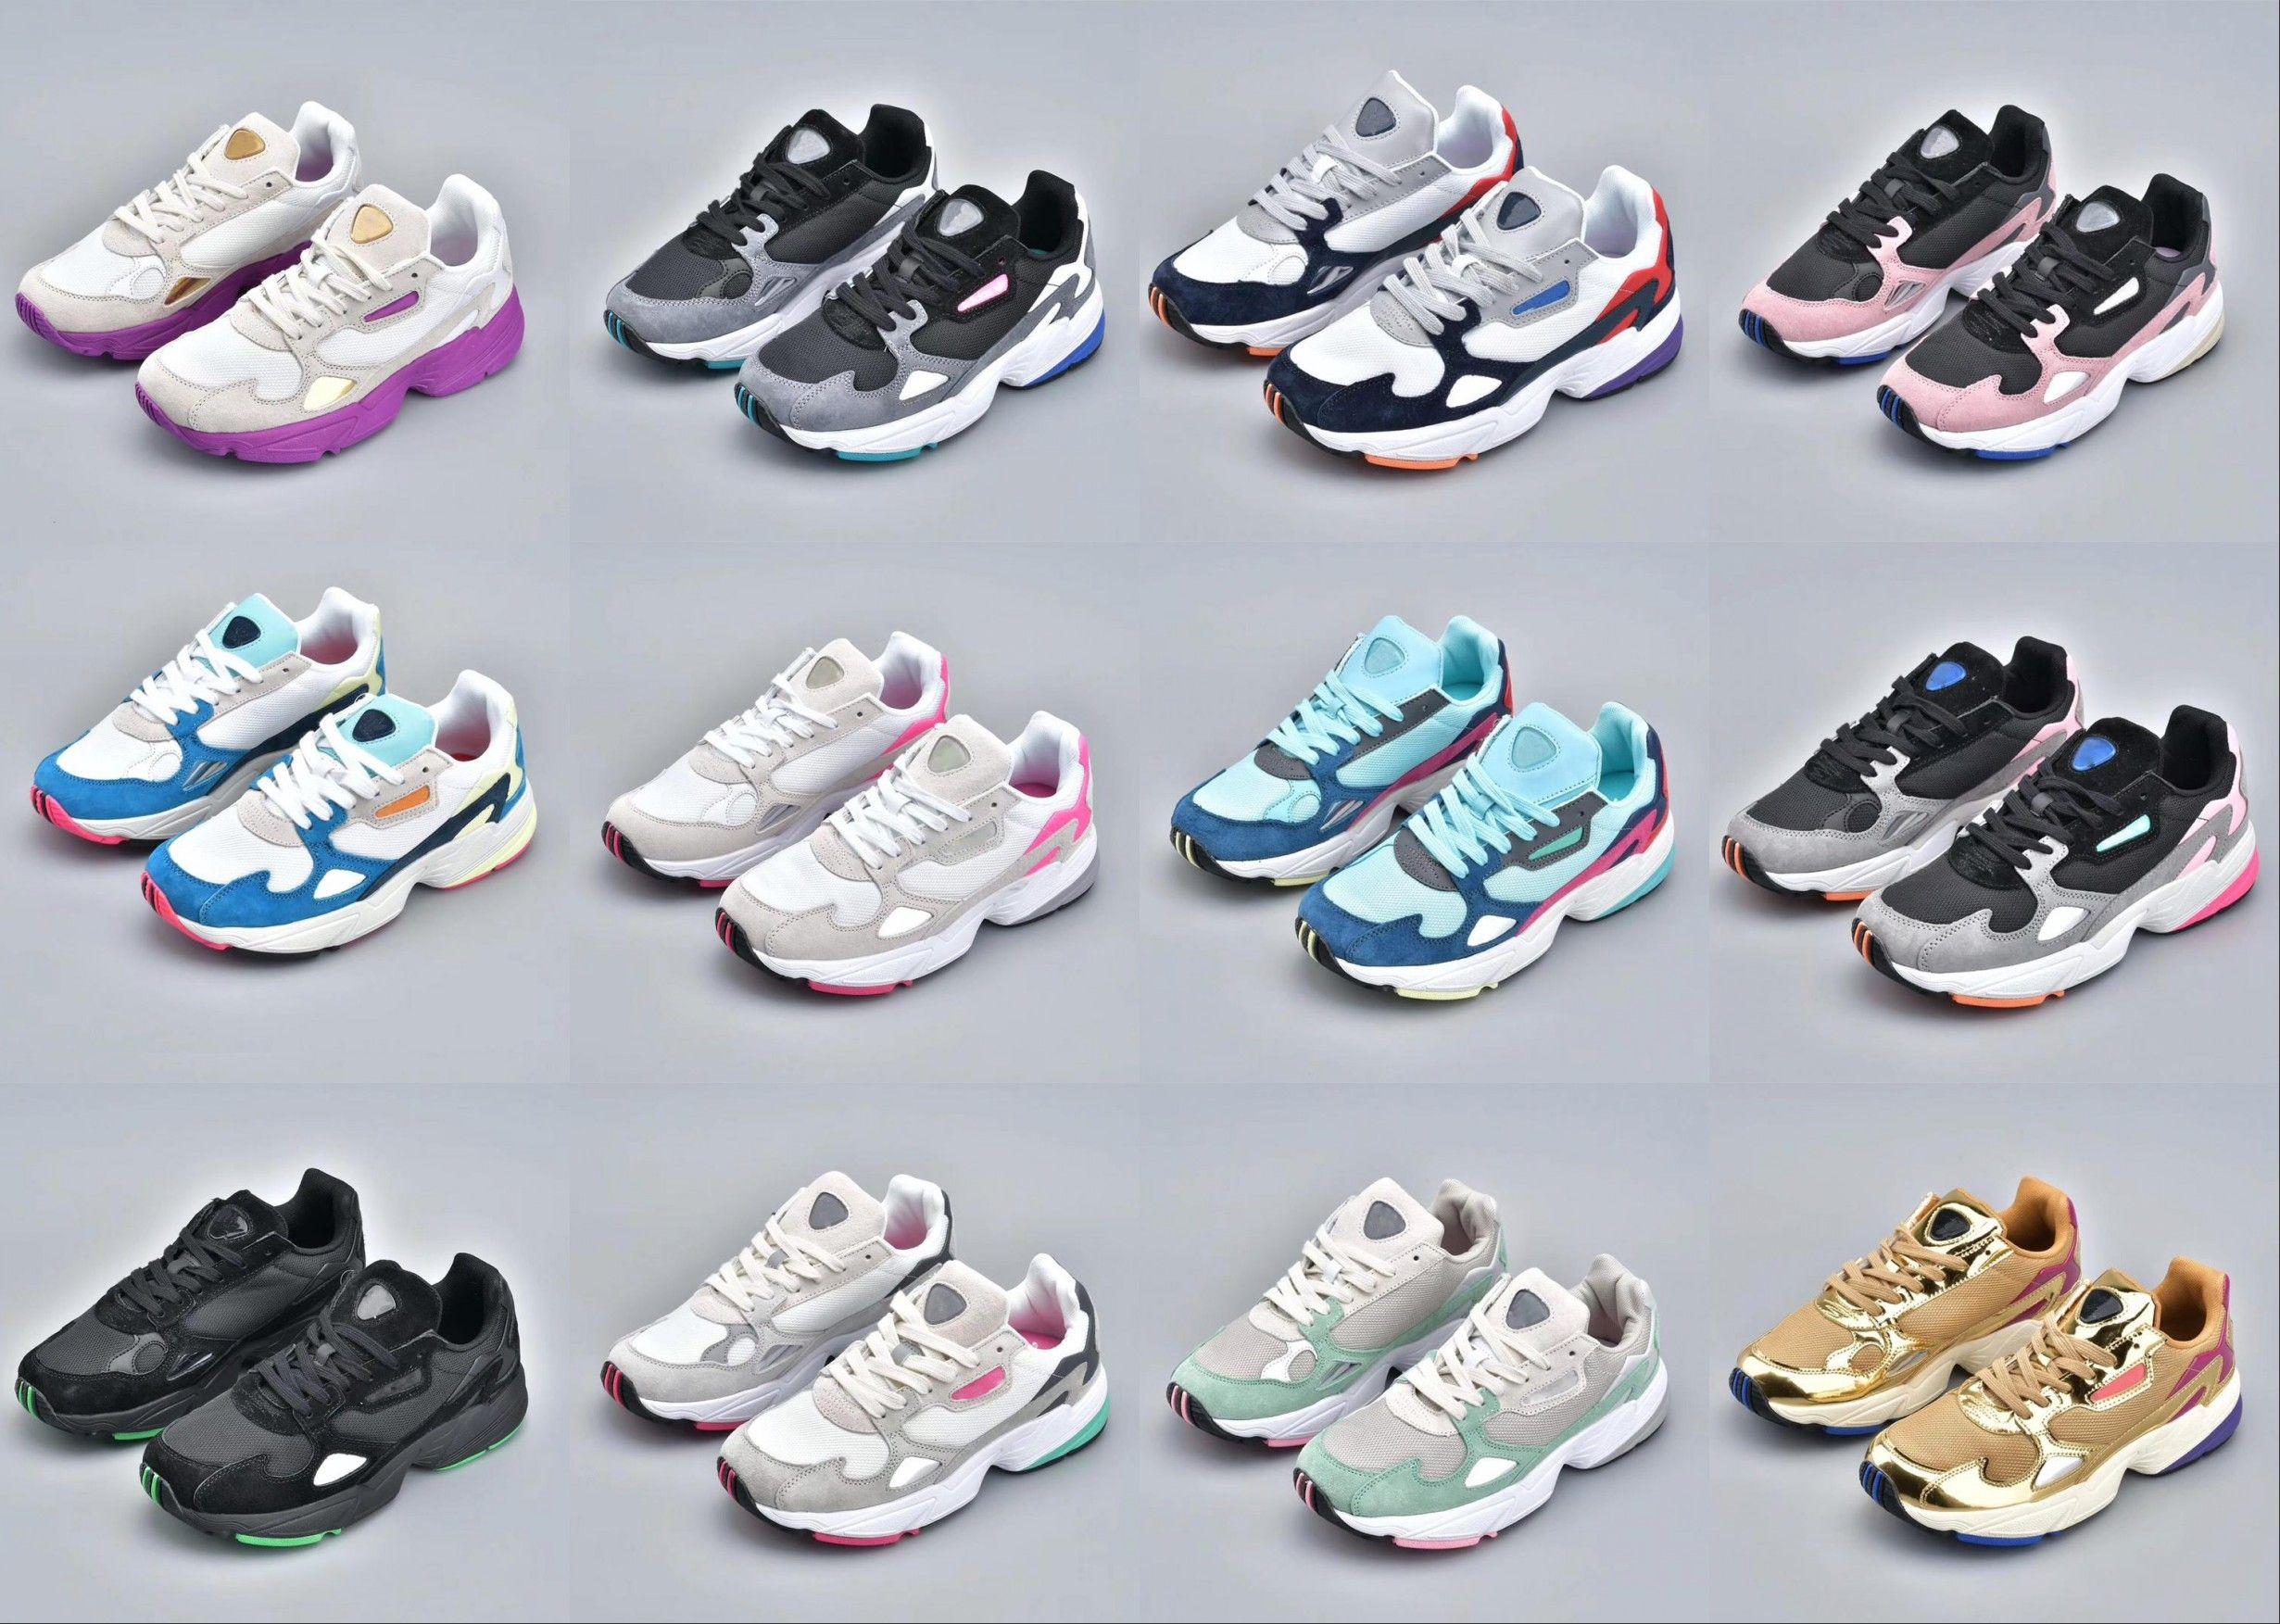 c528fcb777 Acheter Adidas Falcon W Running Shoes 2019 NOUVEAU FALCON W Haute Qualité  Prix Bas Chaussures De Course Pour Hommes Et Dames, Chaussures De Sport À  La Mode ...